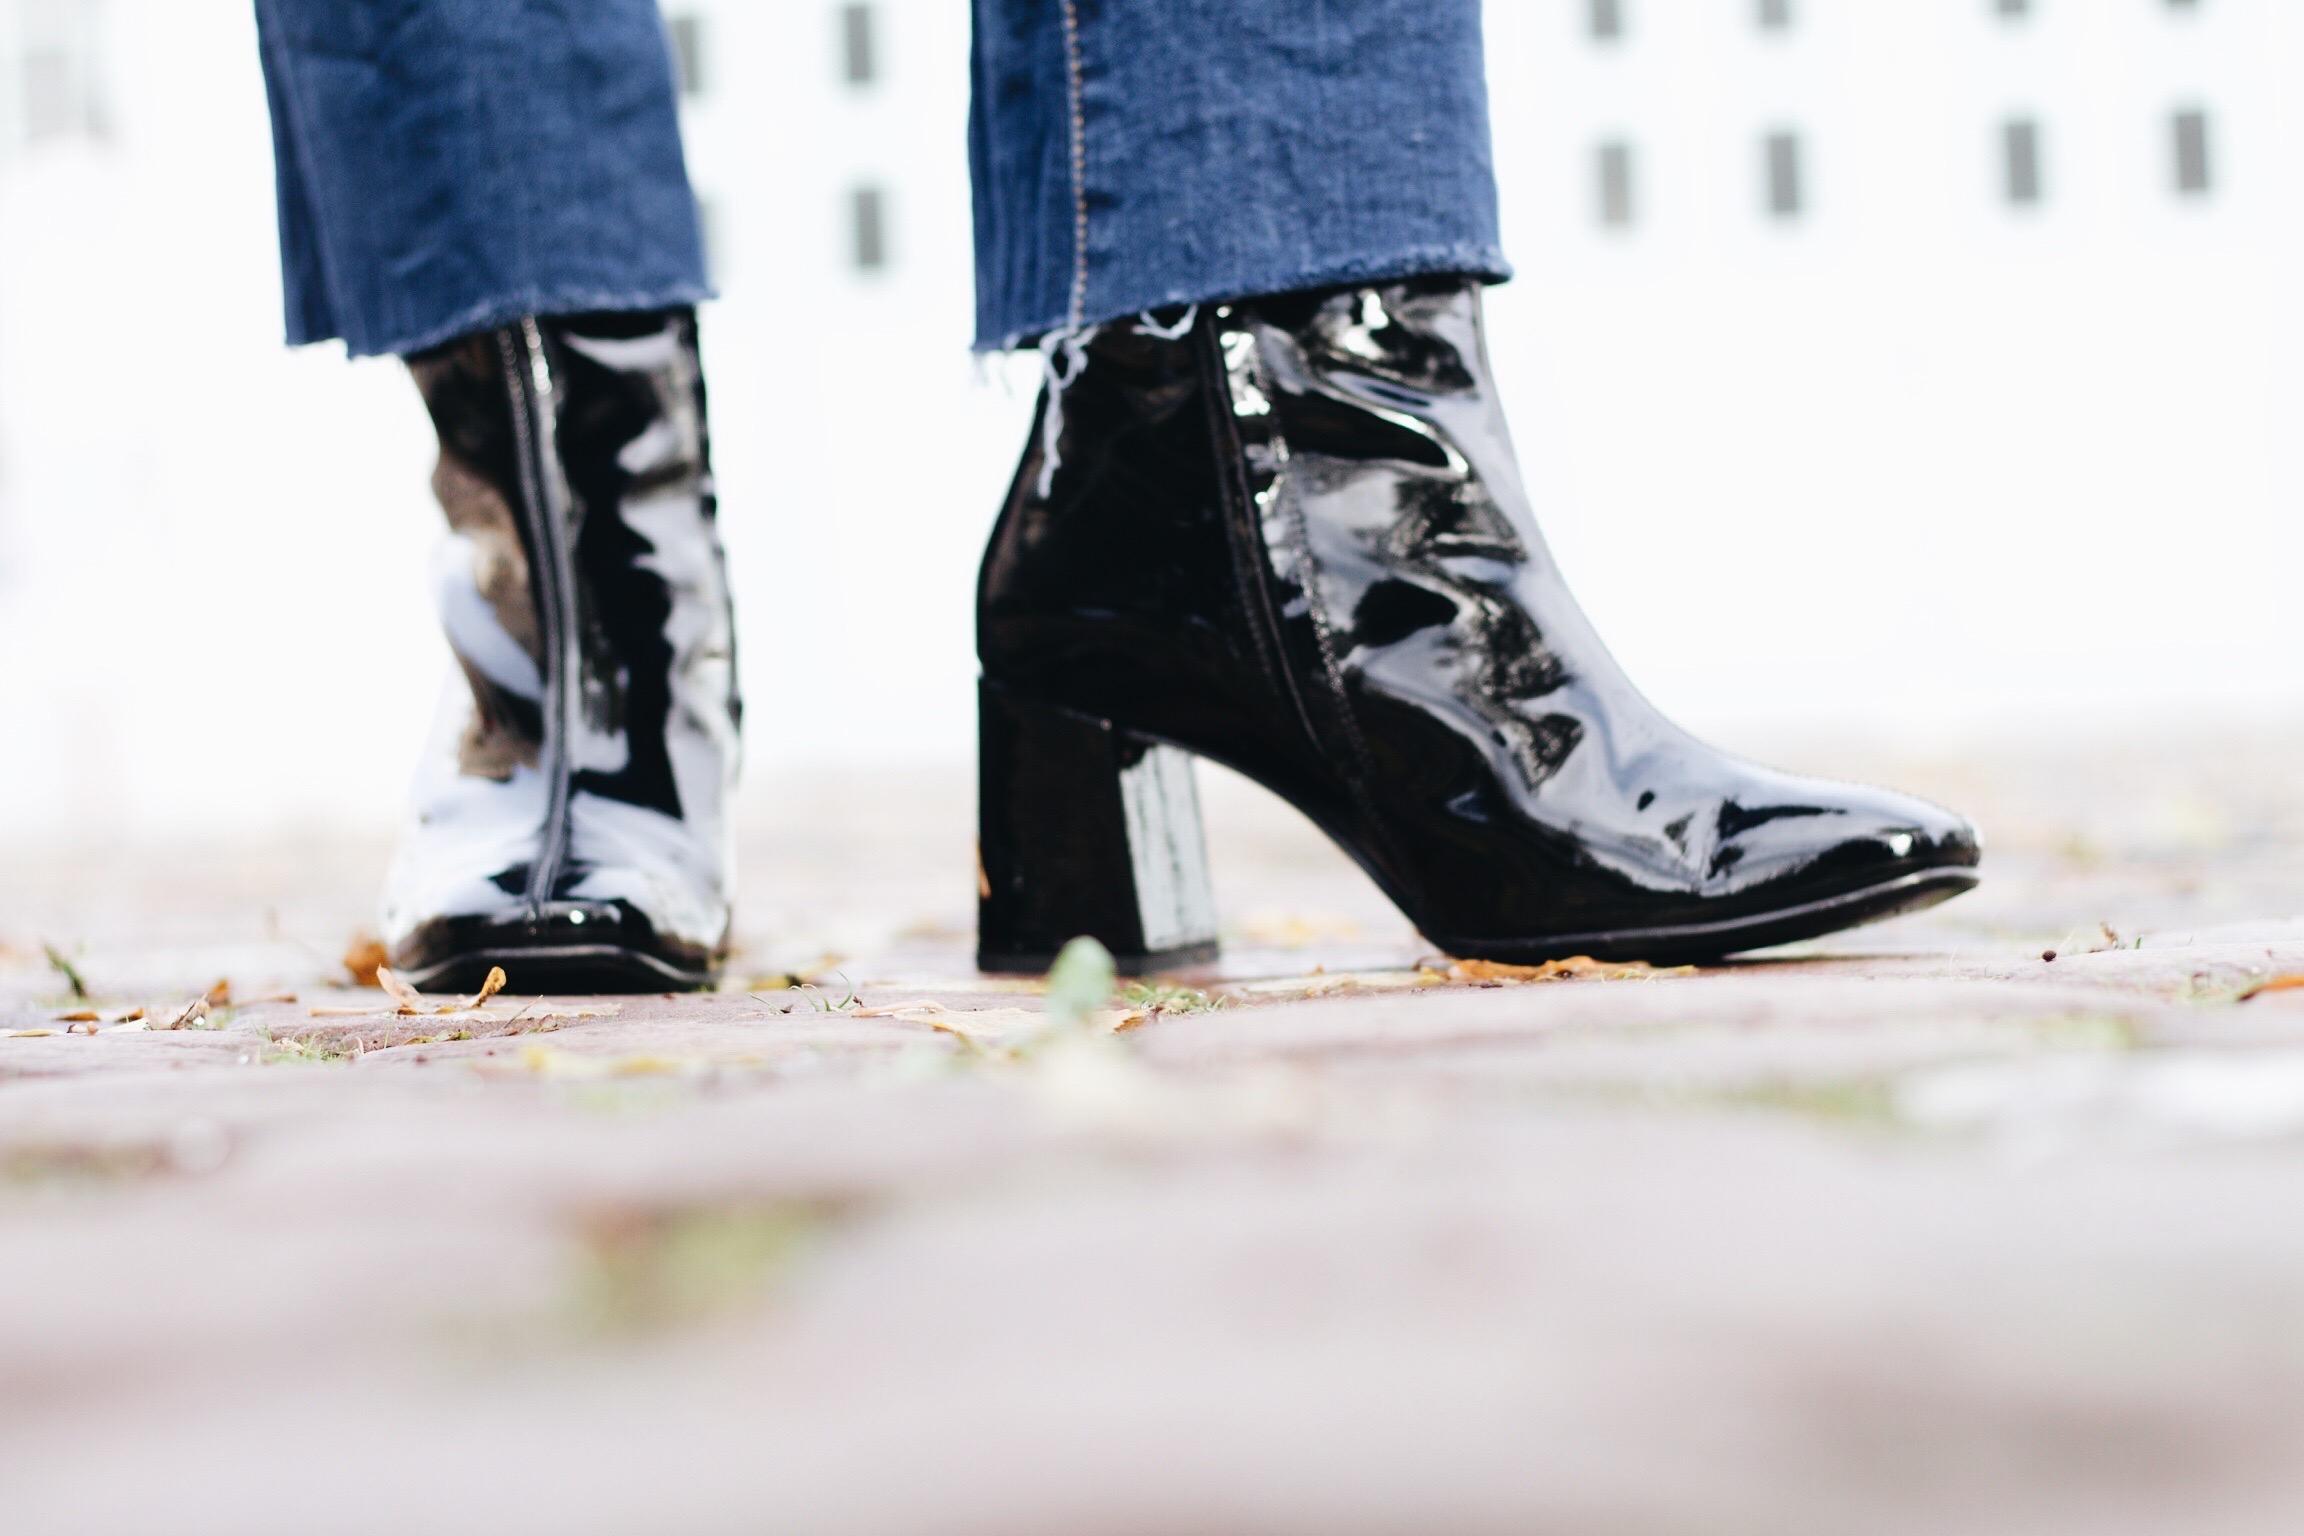 Lack Stiefeletten von Paul Green auf meinem Modeblog